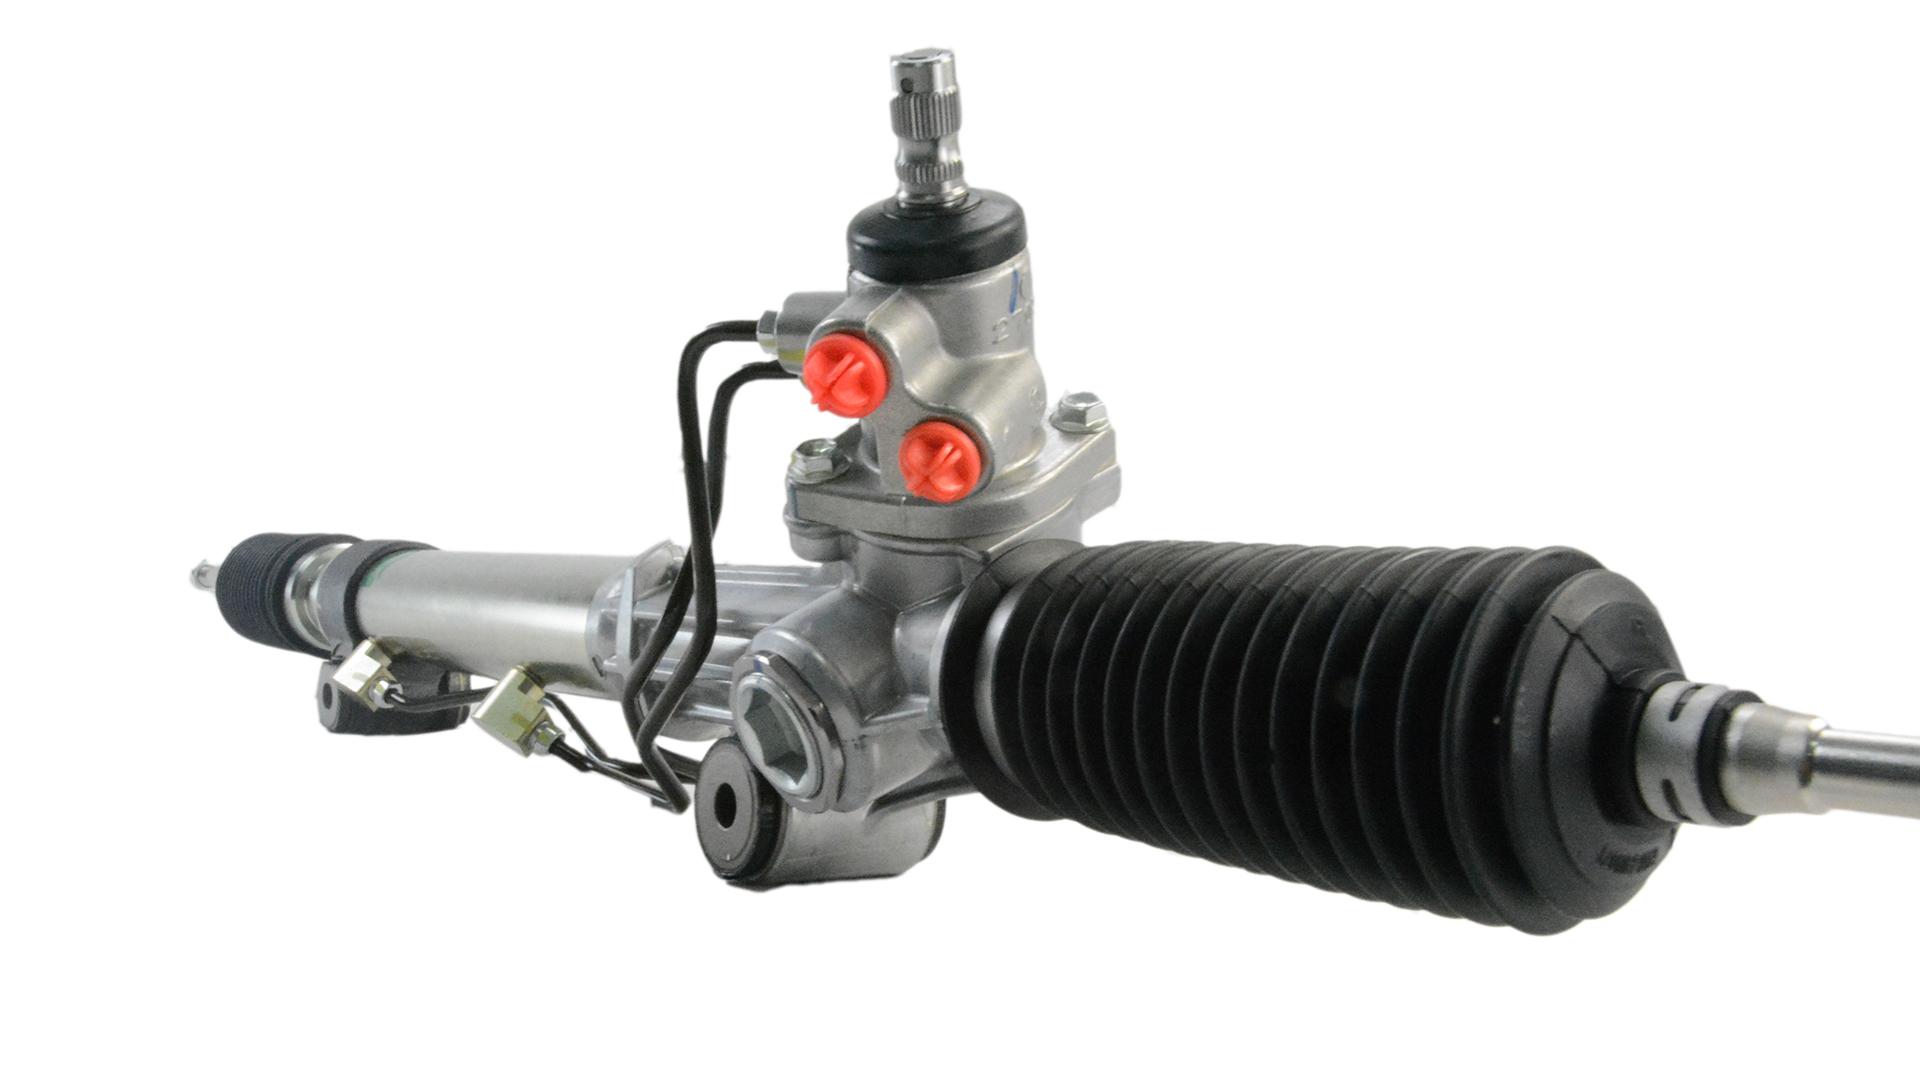 44200-35061 steering rack for TOYOTA LAND CRUISER PRADO